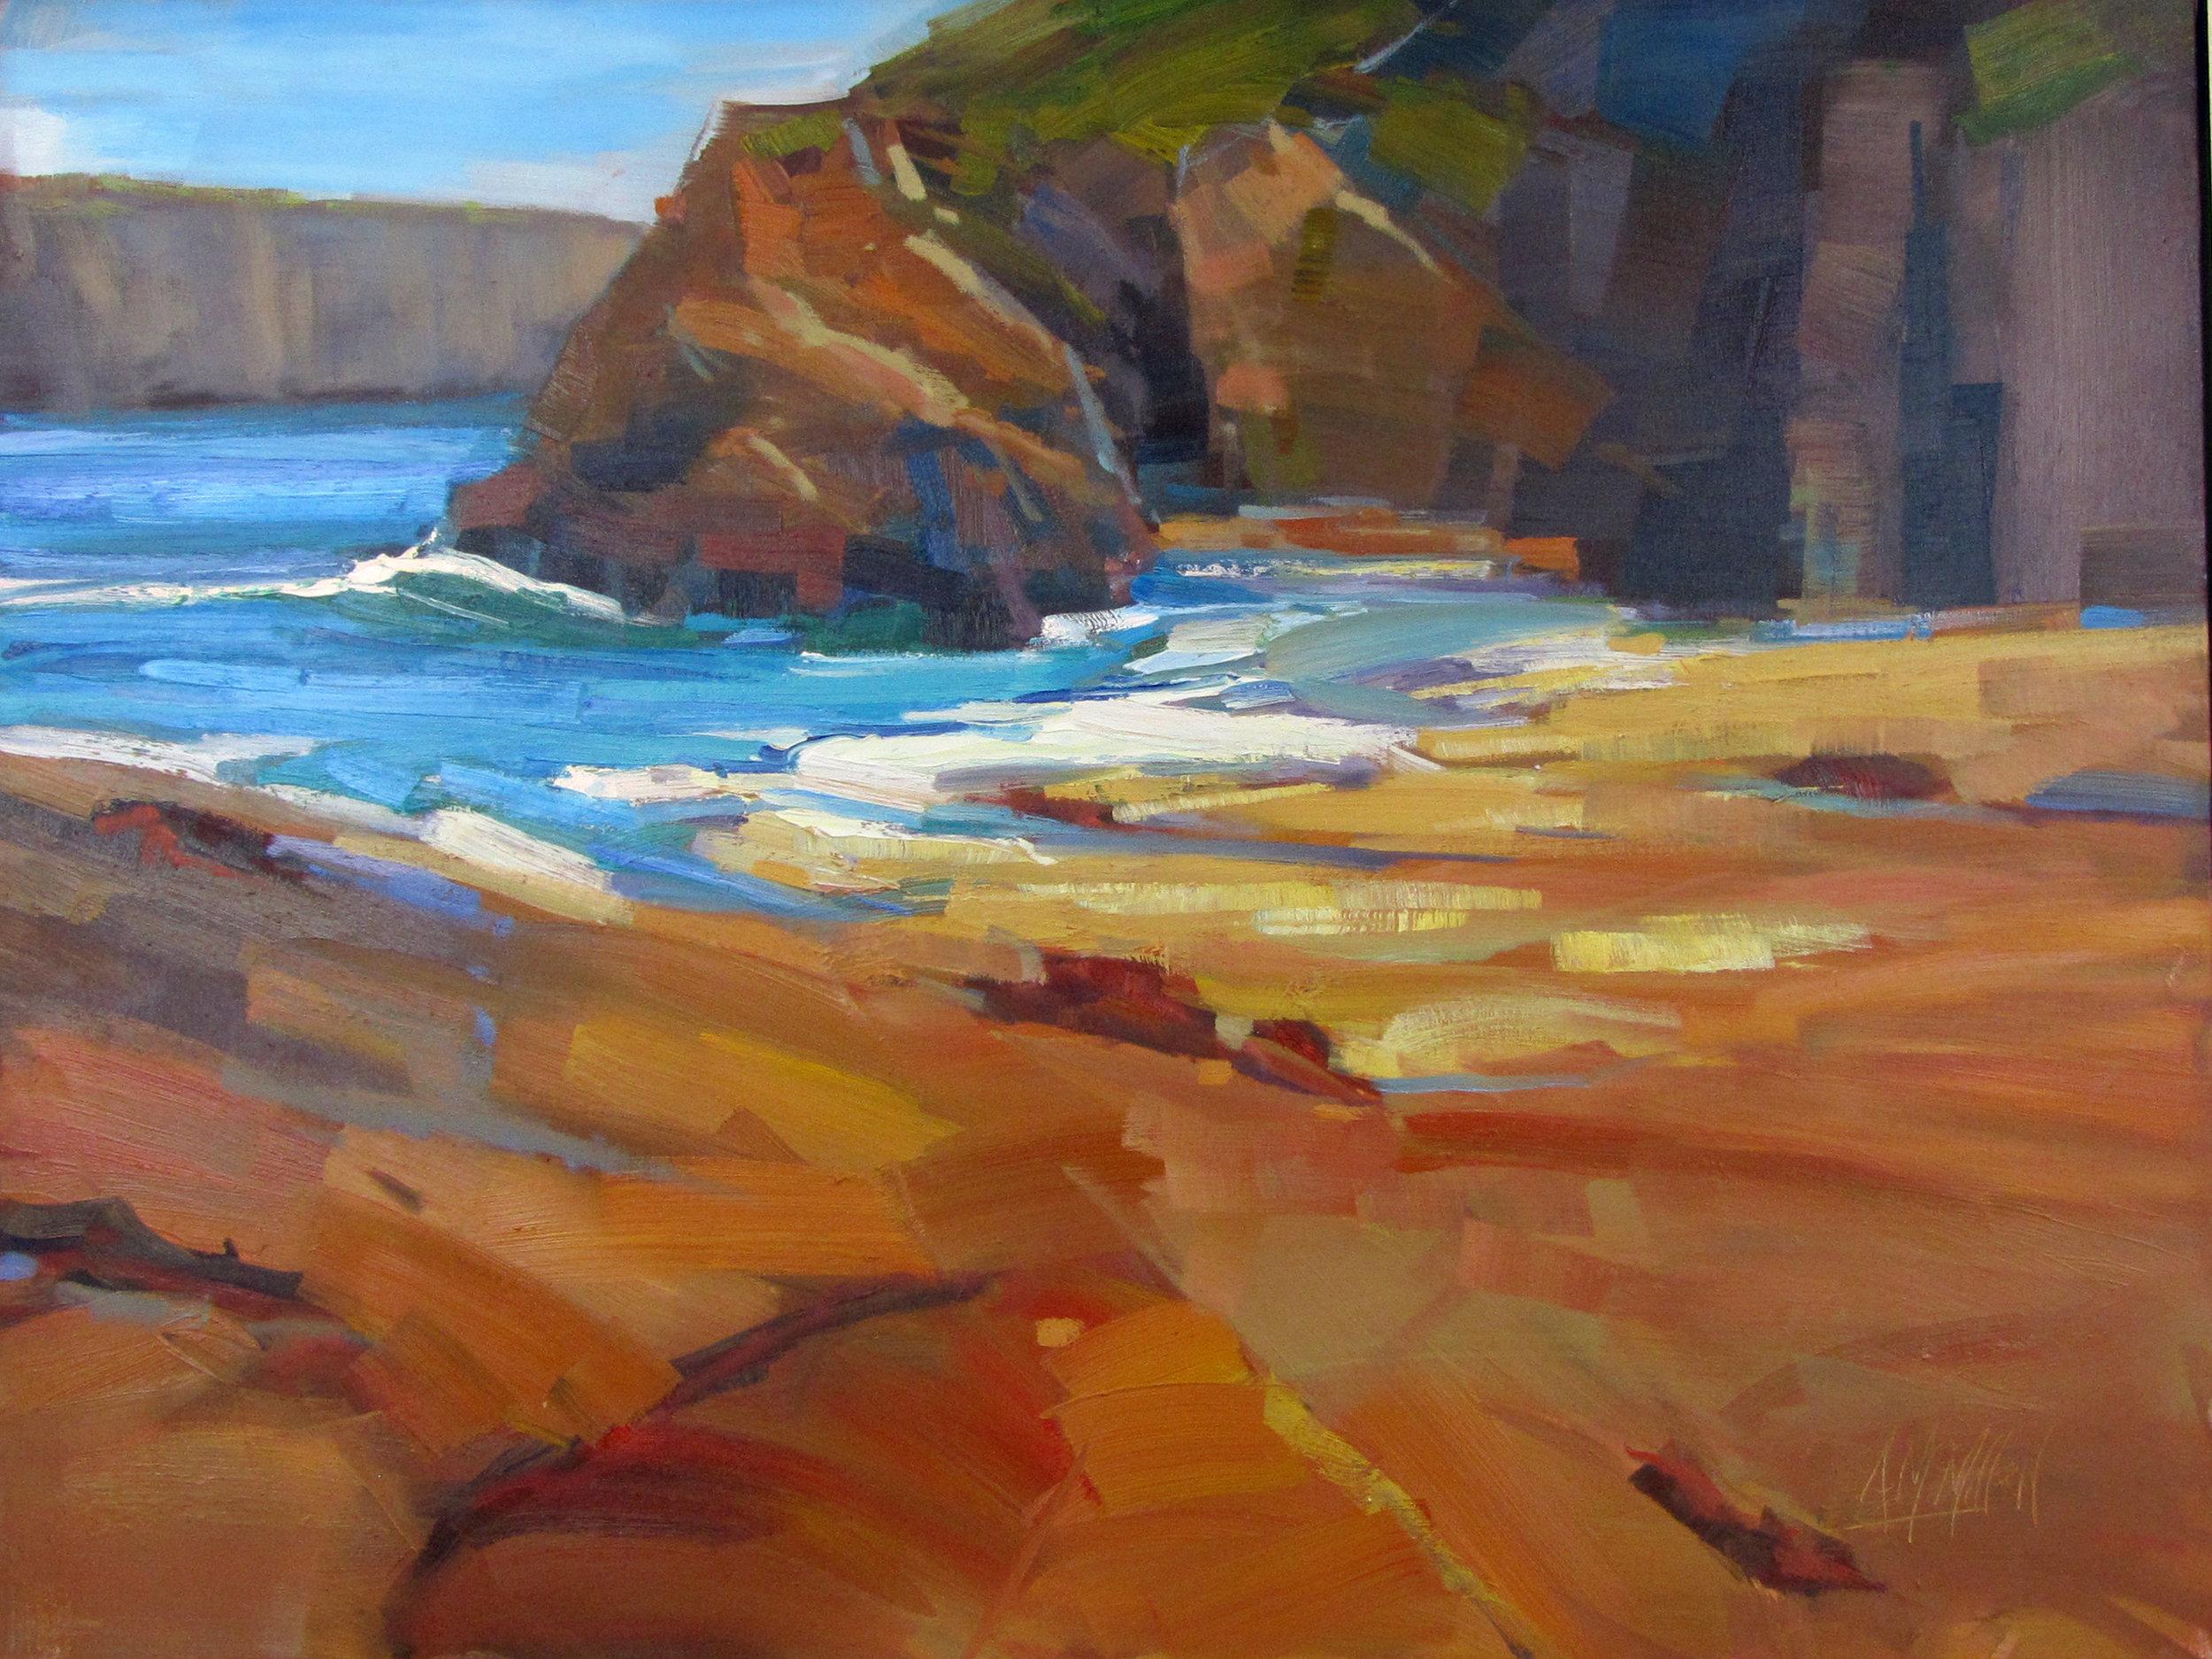 McMillan Jughandle Beach 20 x 30 inches oil.jpg